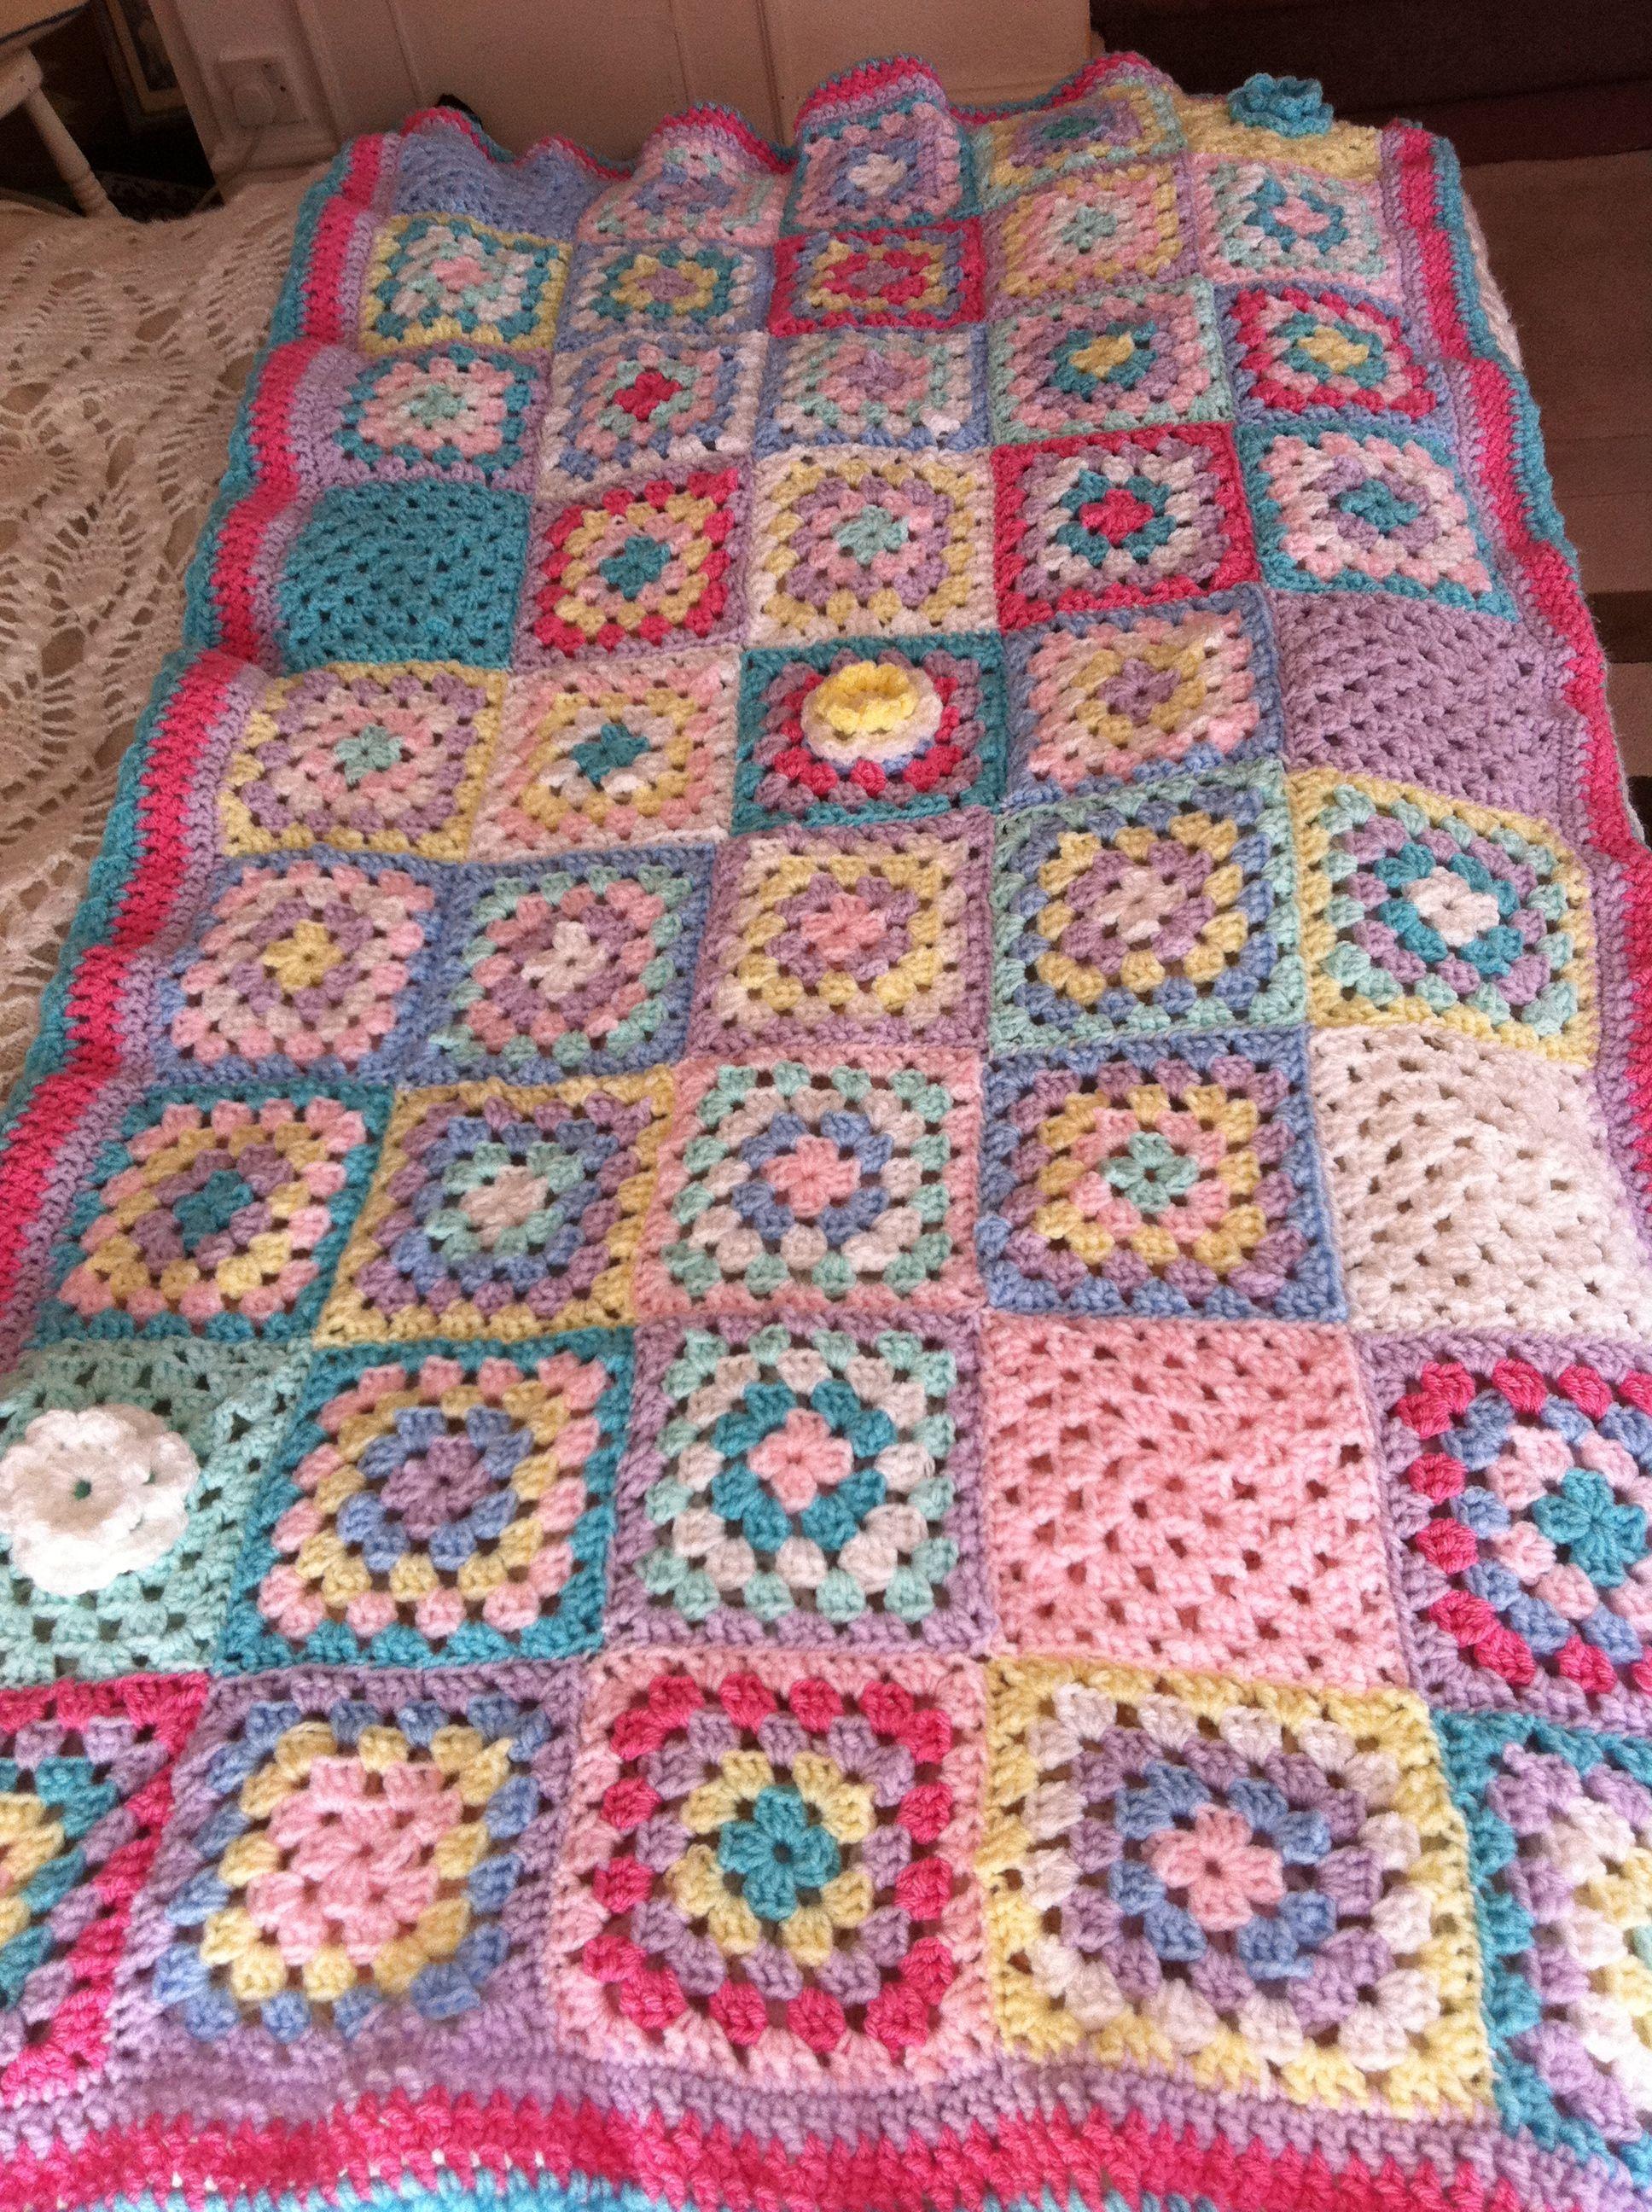 crochet blanket www.patchworkandlace.co.uk | Z_Crochet Decor 10 ...